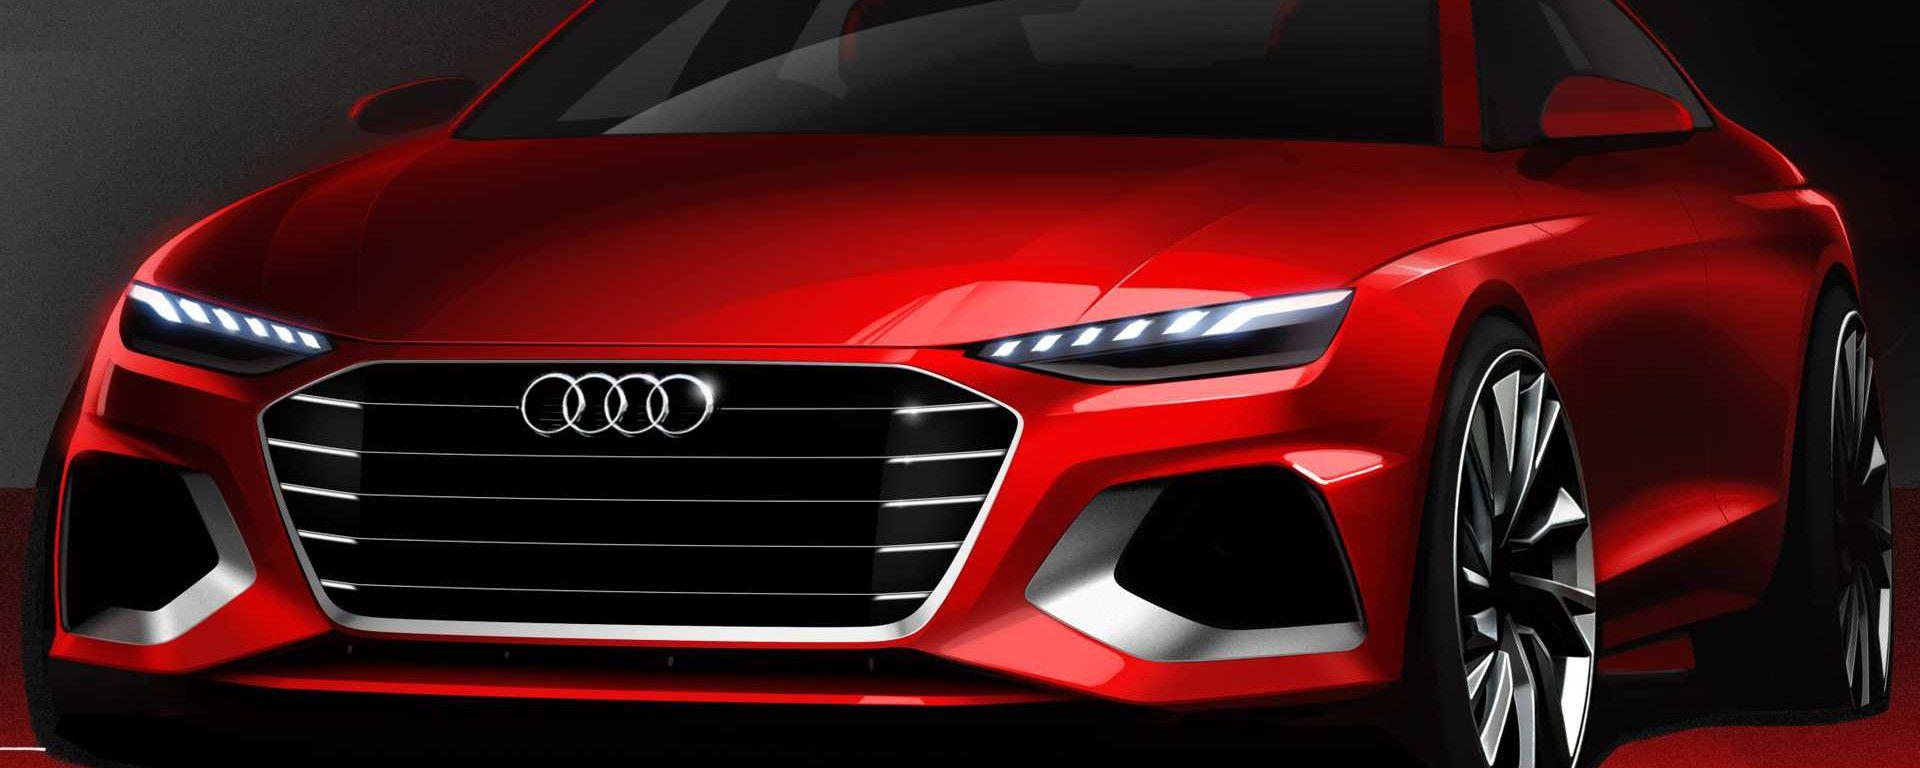 Nuova Audi A4: come cambierà per il 2023